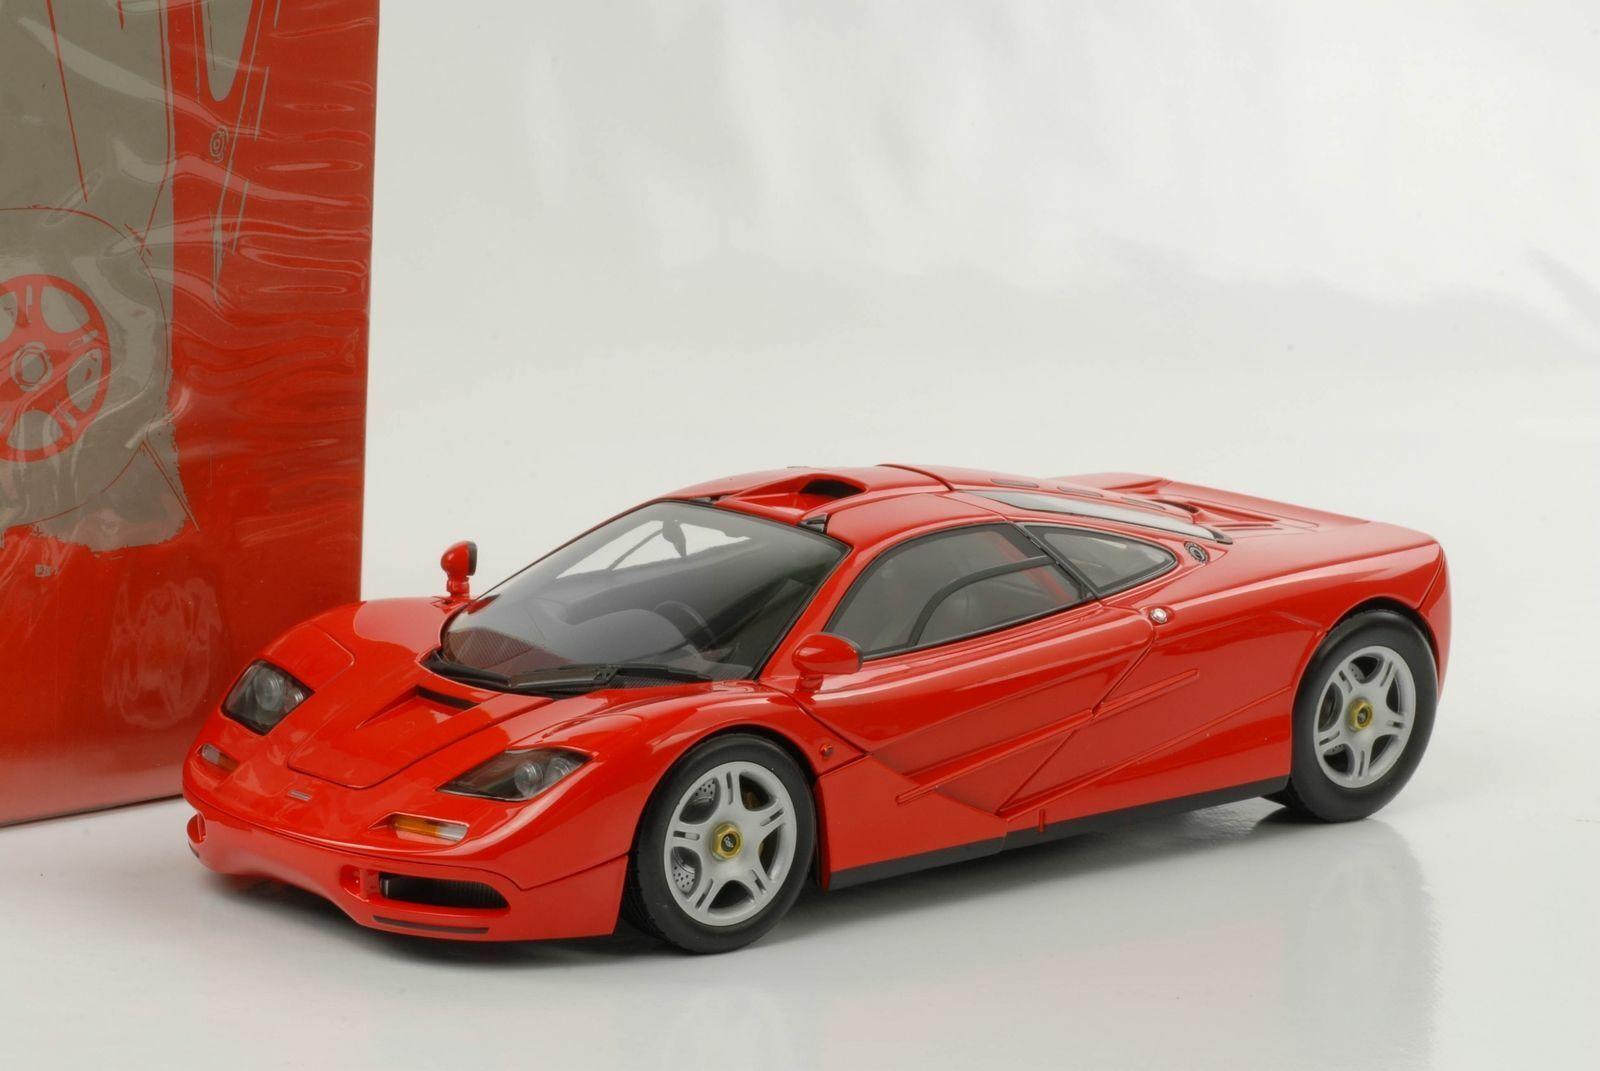 McLAREN F1 ROAD CAR 1993 RED MINICHAMPS 530133422 1 18 750 PIECES METAL red